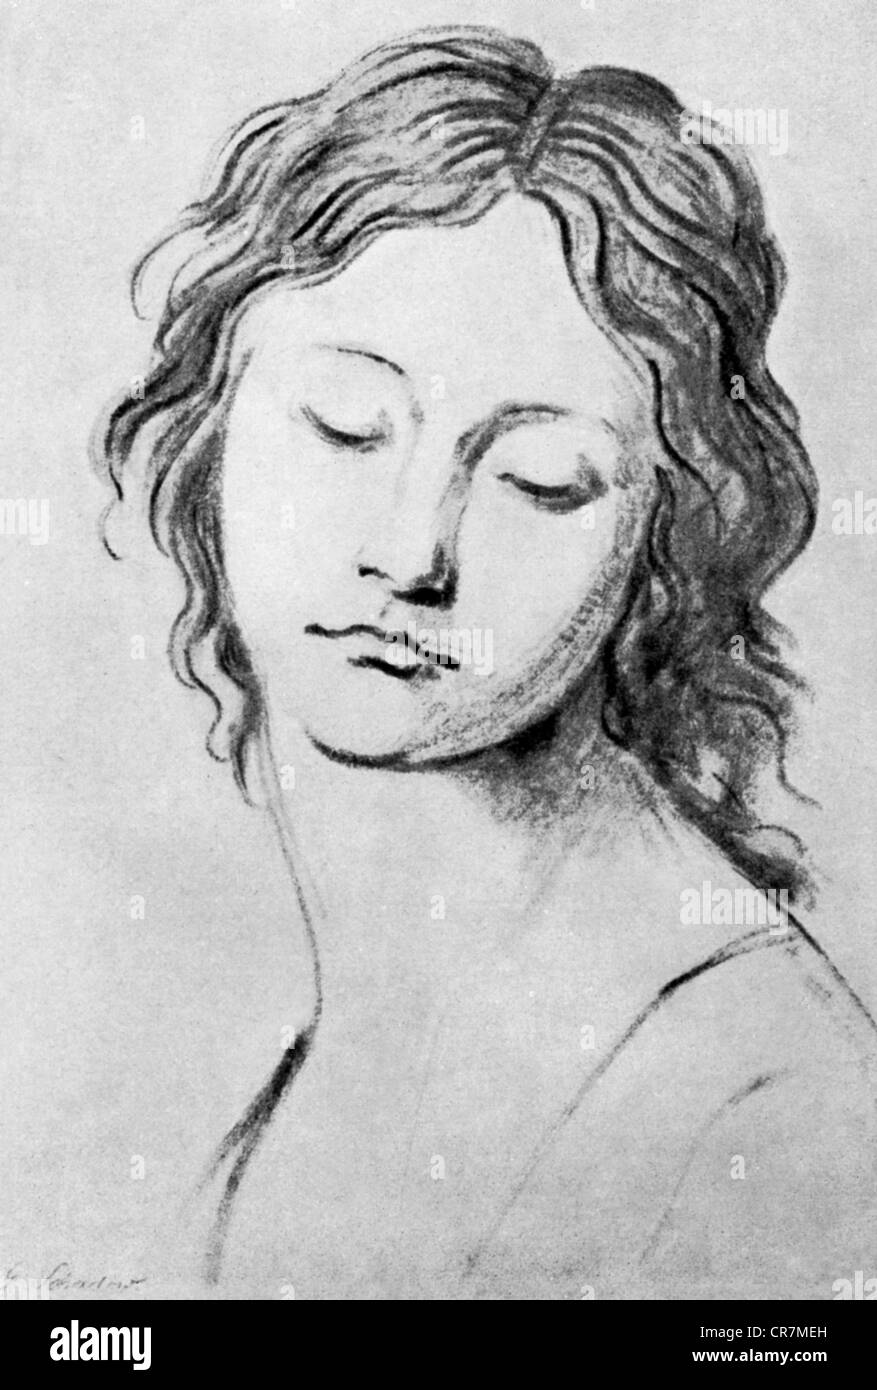 Schadow, Johann Gottfried, 20.5.1764 - 27.1.1850, deutscher Bildhauer und Grafiker, Werke, Porträt eines jungen Mädchens, 19. Jahrhundert, Stockfoto